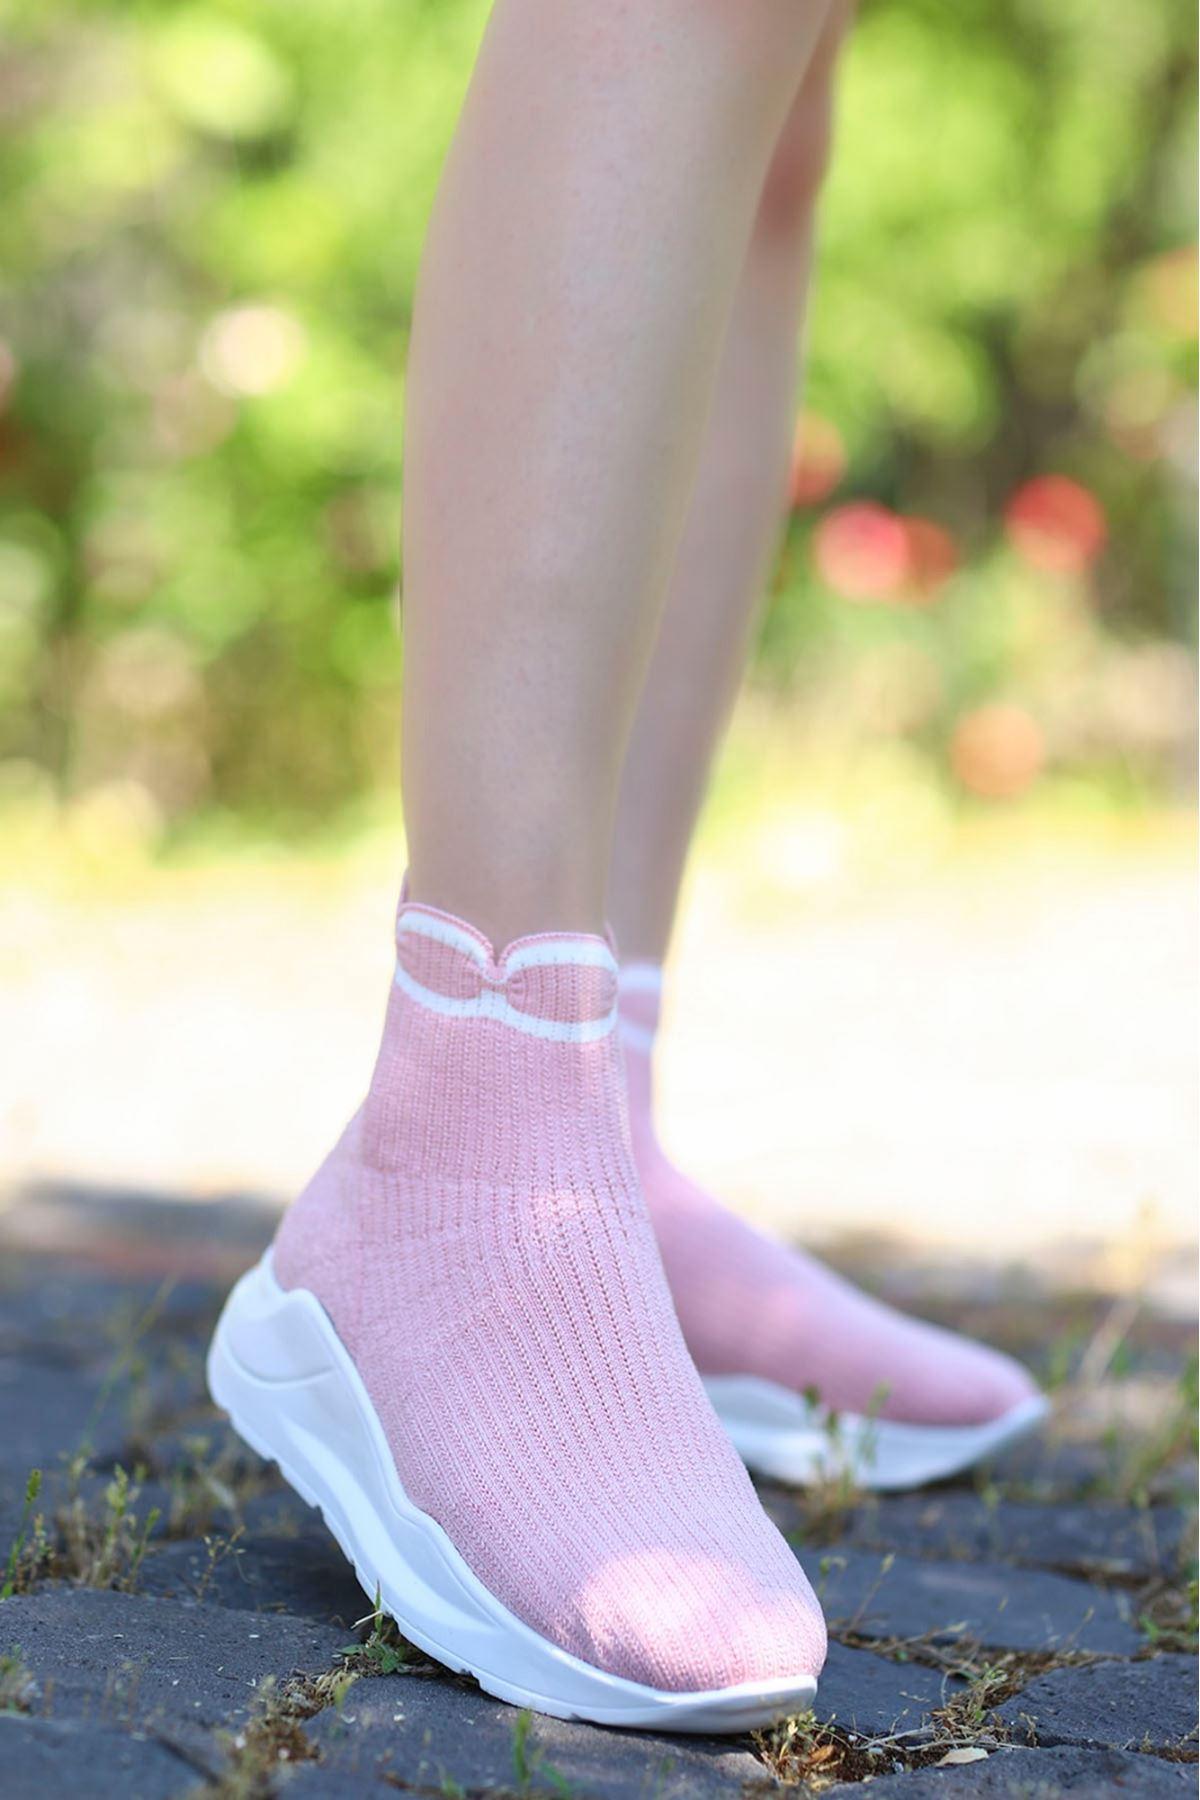 Wagner Triko Çorap Spor Ayakkabı Pudra